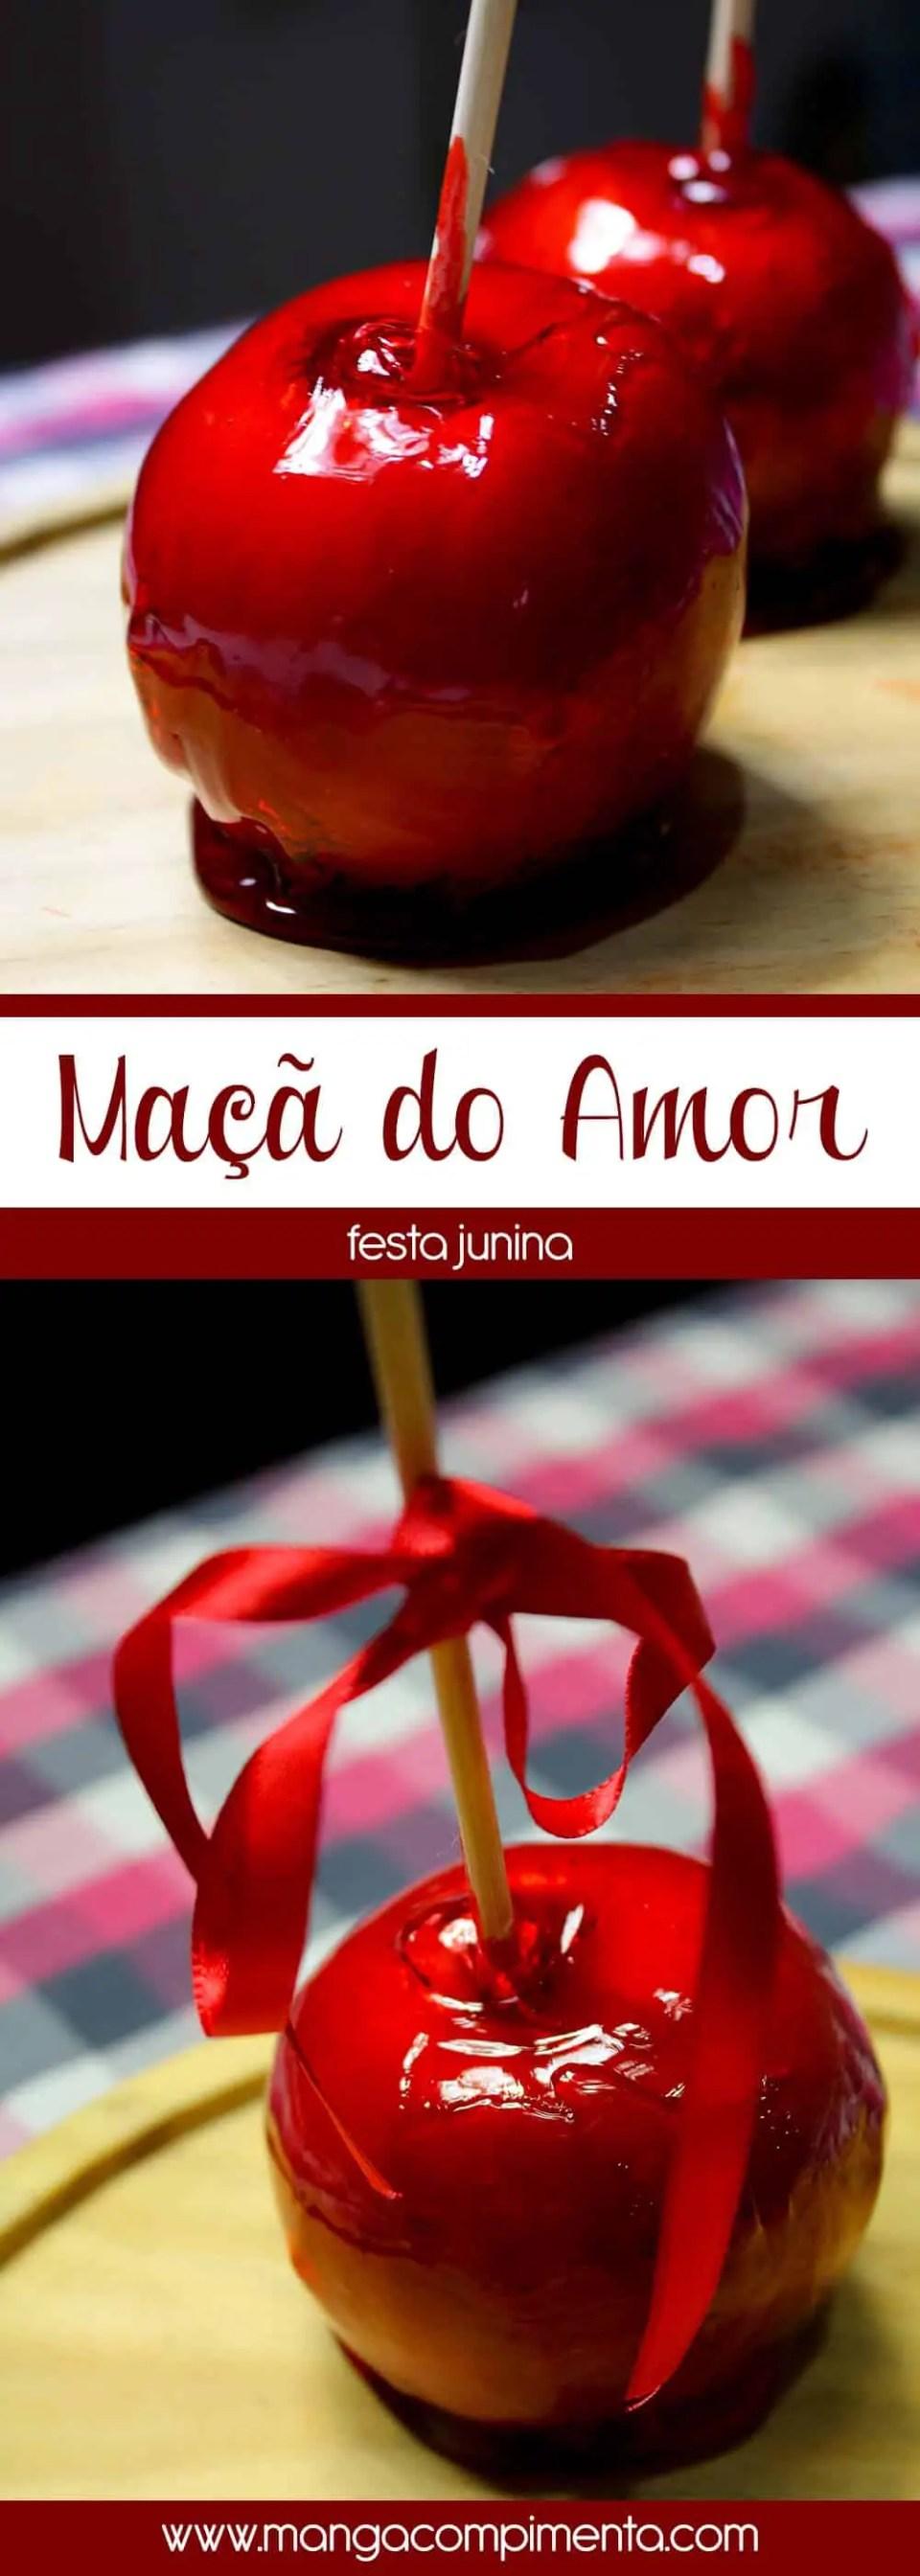 Maçã do Amor | Uma fruta que é puro amor na festa junina.